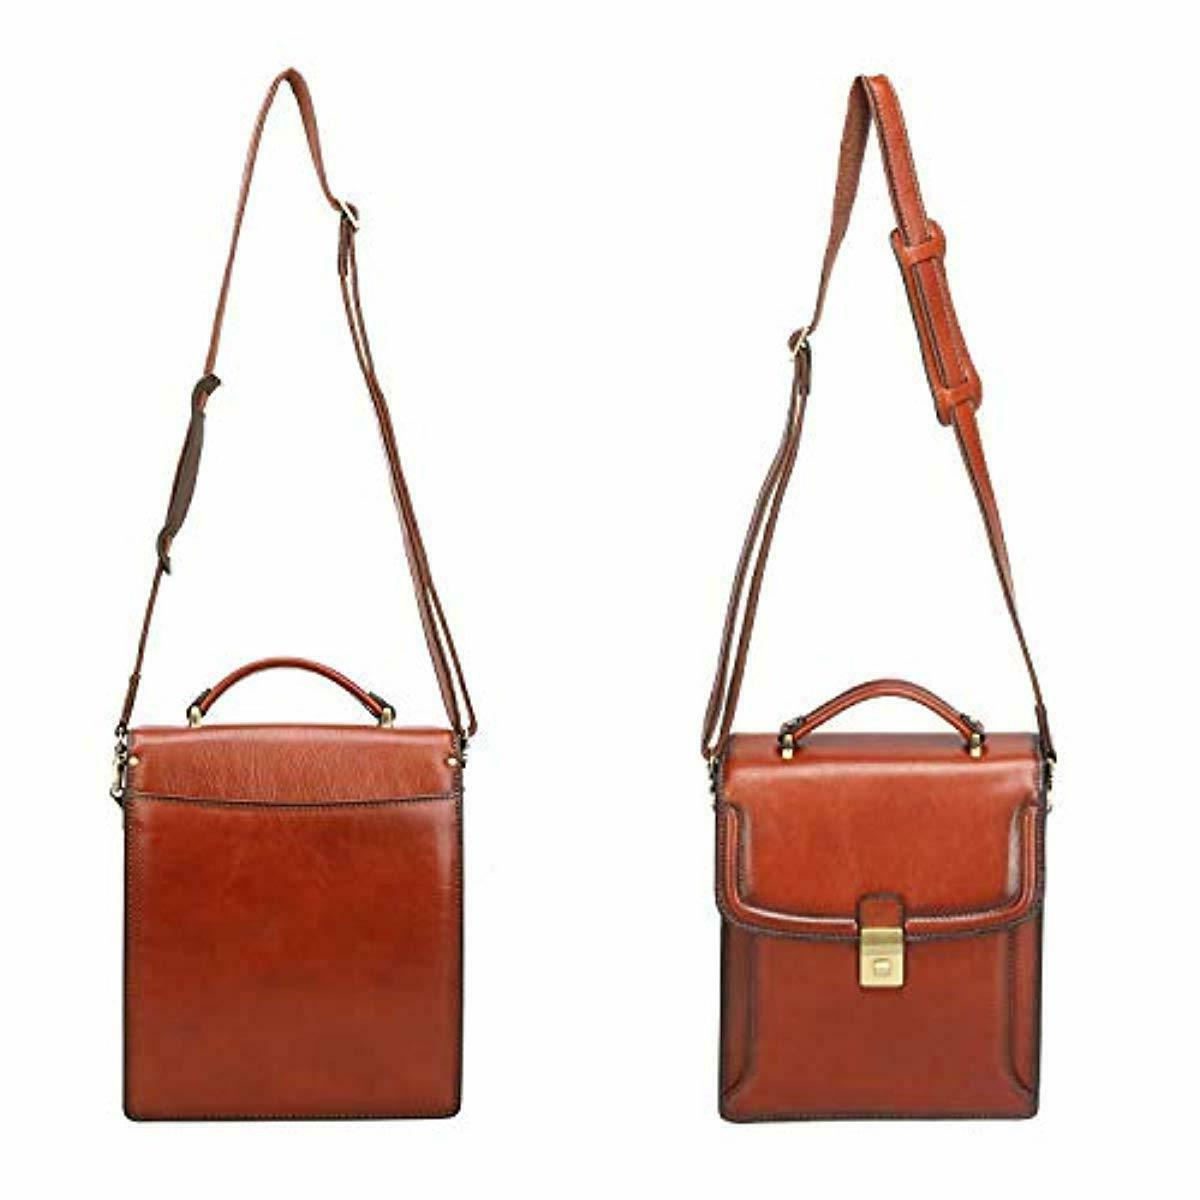 Banuce Small Full Italian Leather Bag